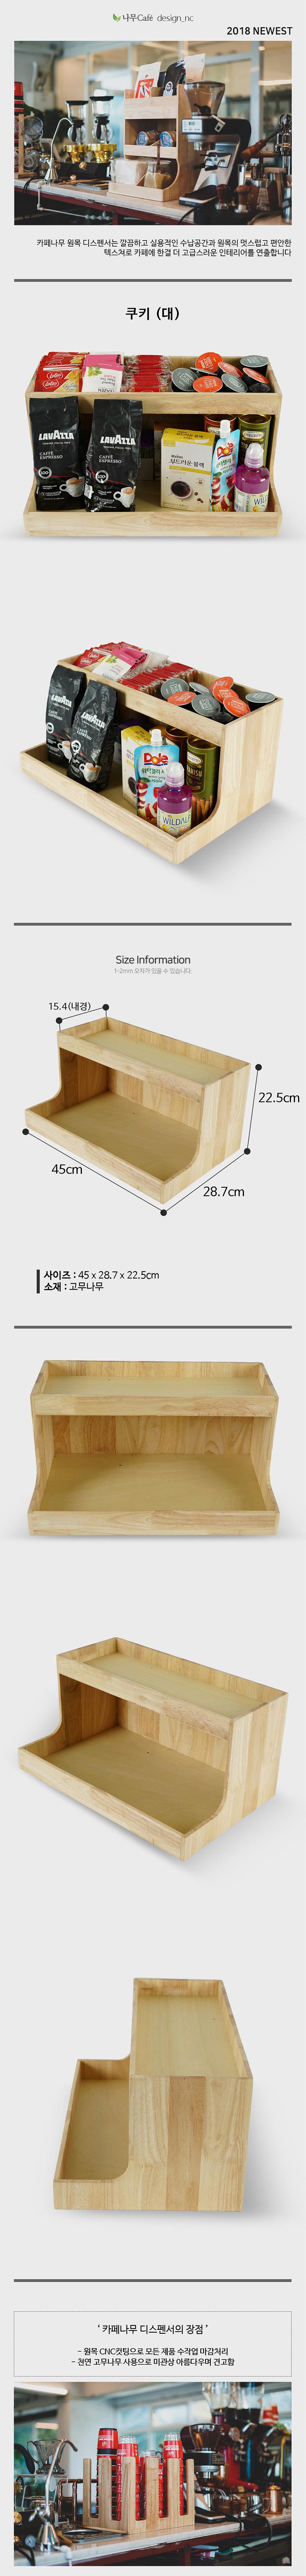 원목 쿠키진열대 (대) - 디자인엔씨, 54,150원, 주방수납용품, 수납함